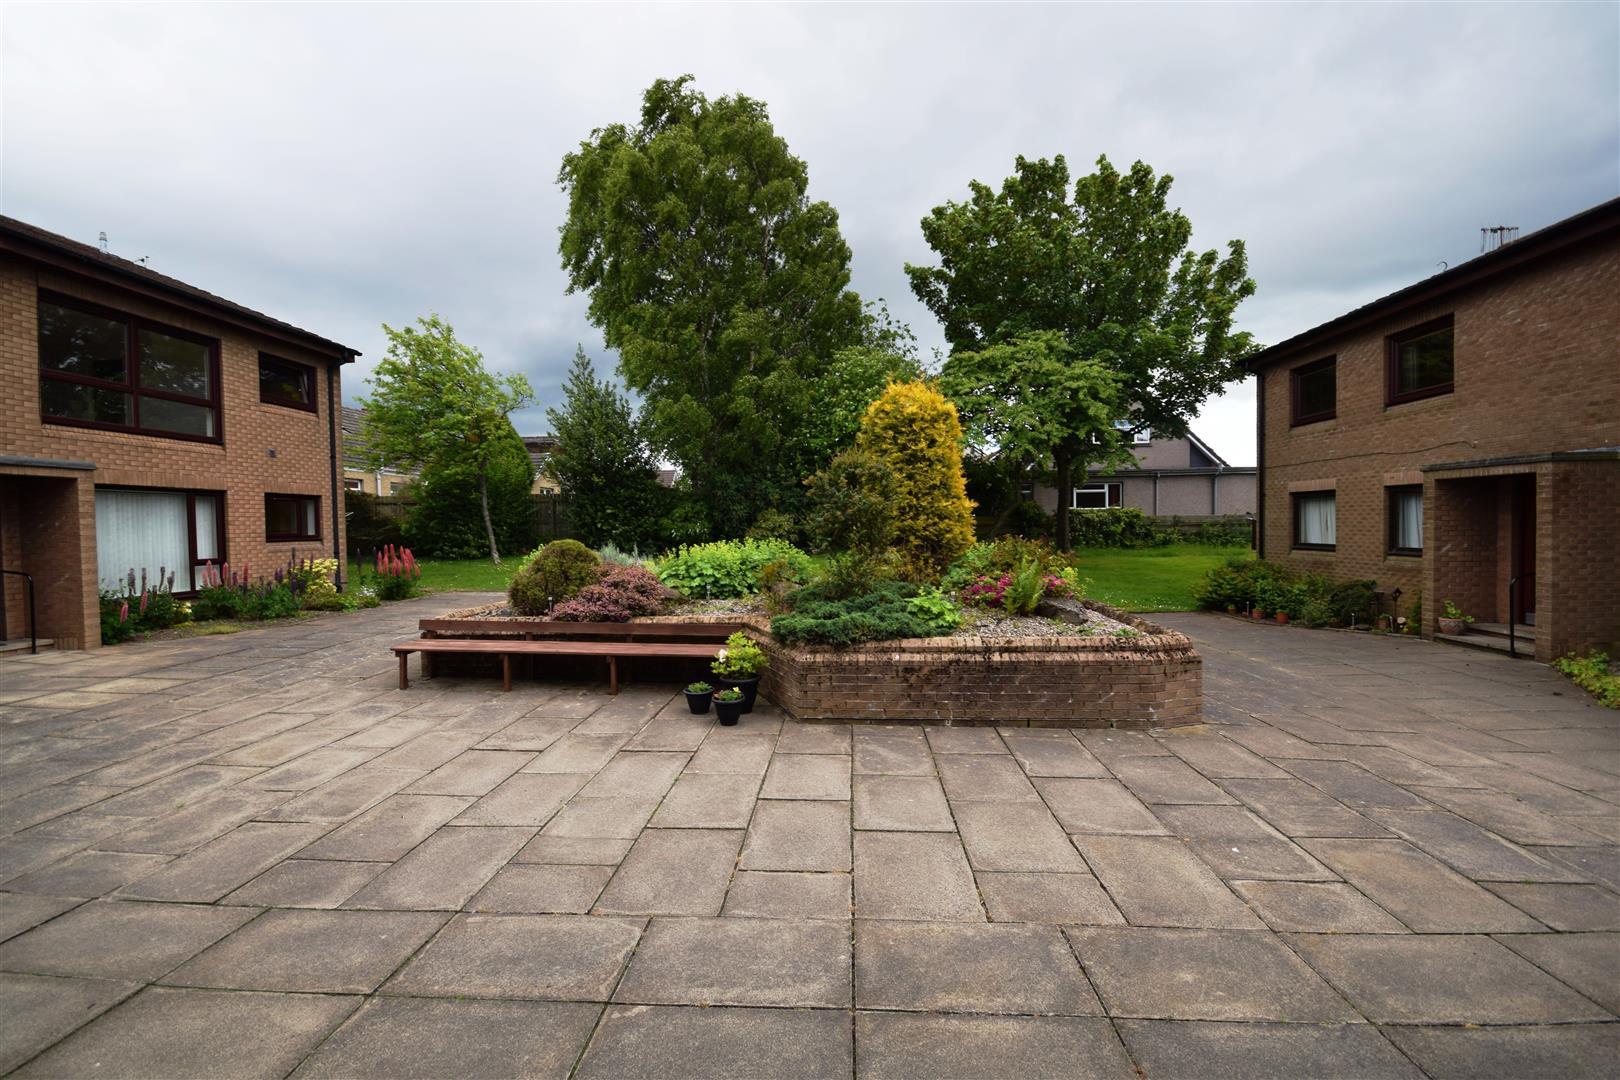 20C, Muircroft Terrace, Perth, Perthshire, PH1 1EW, UK